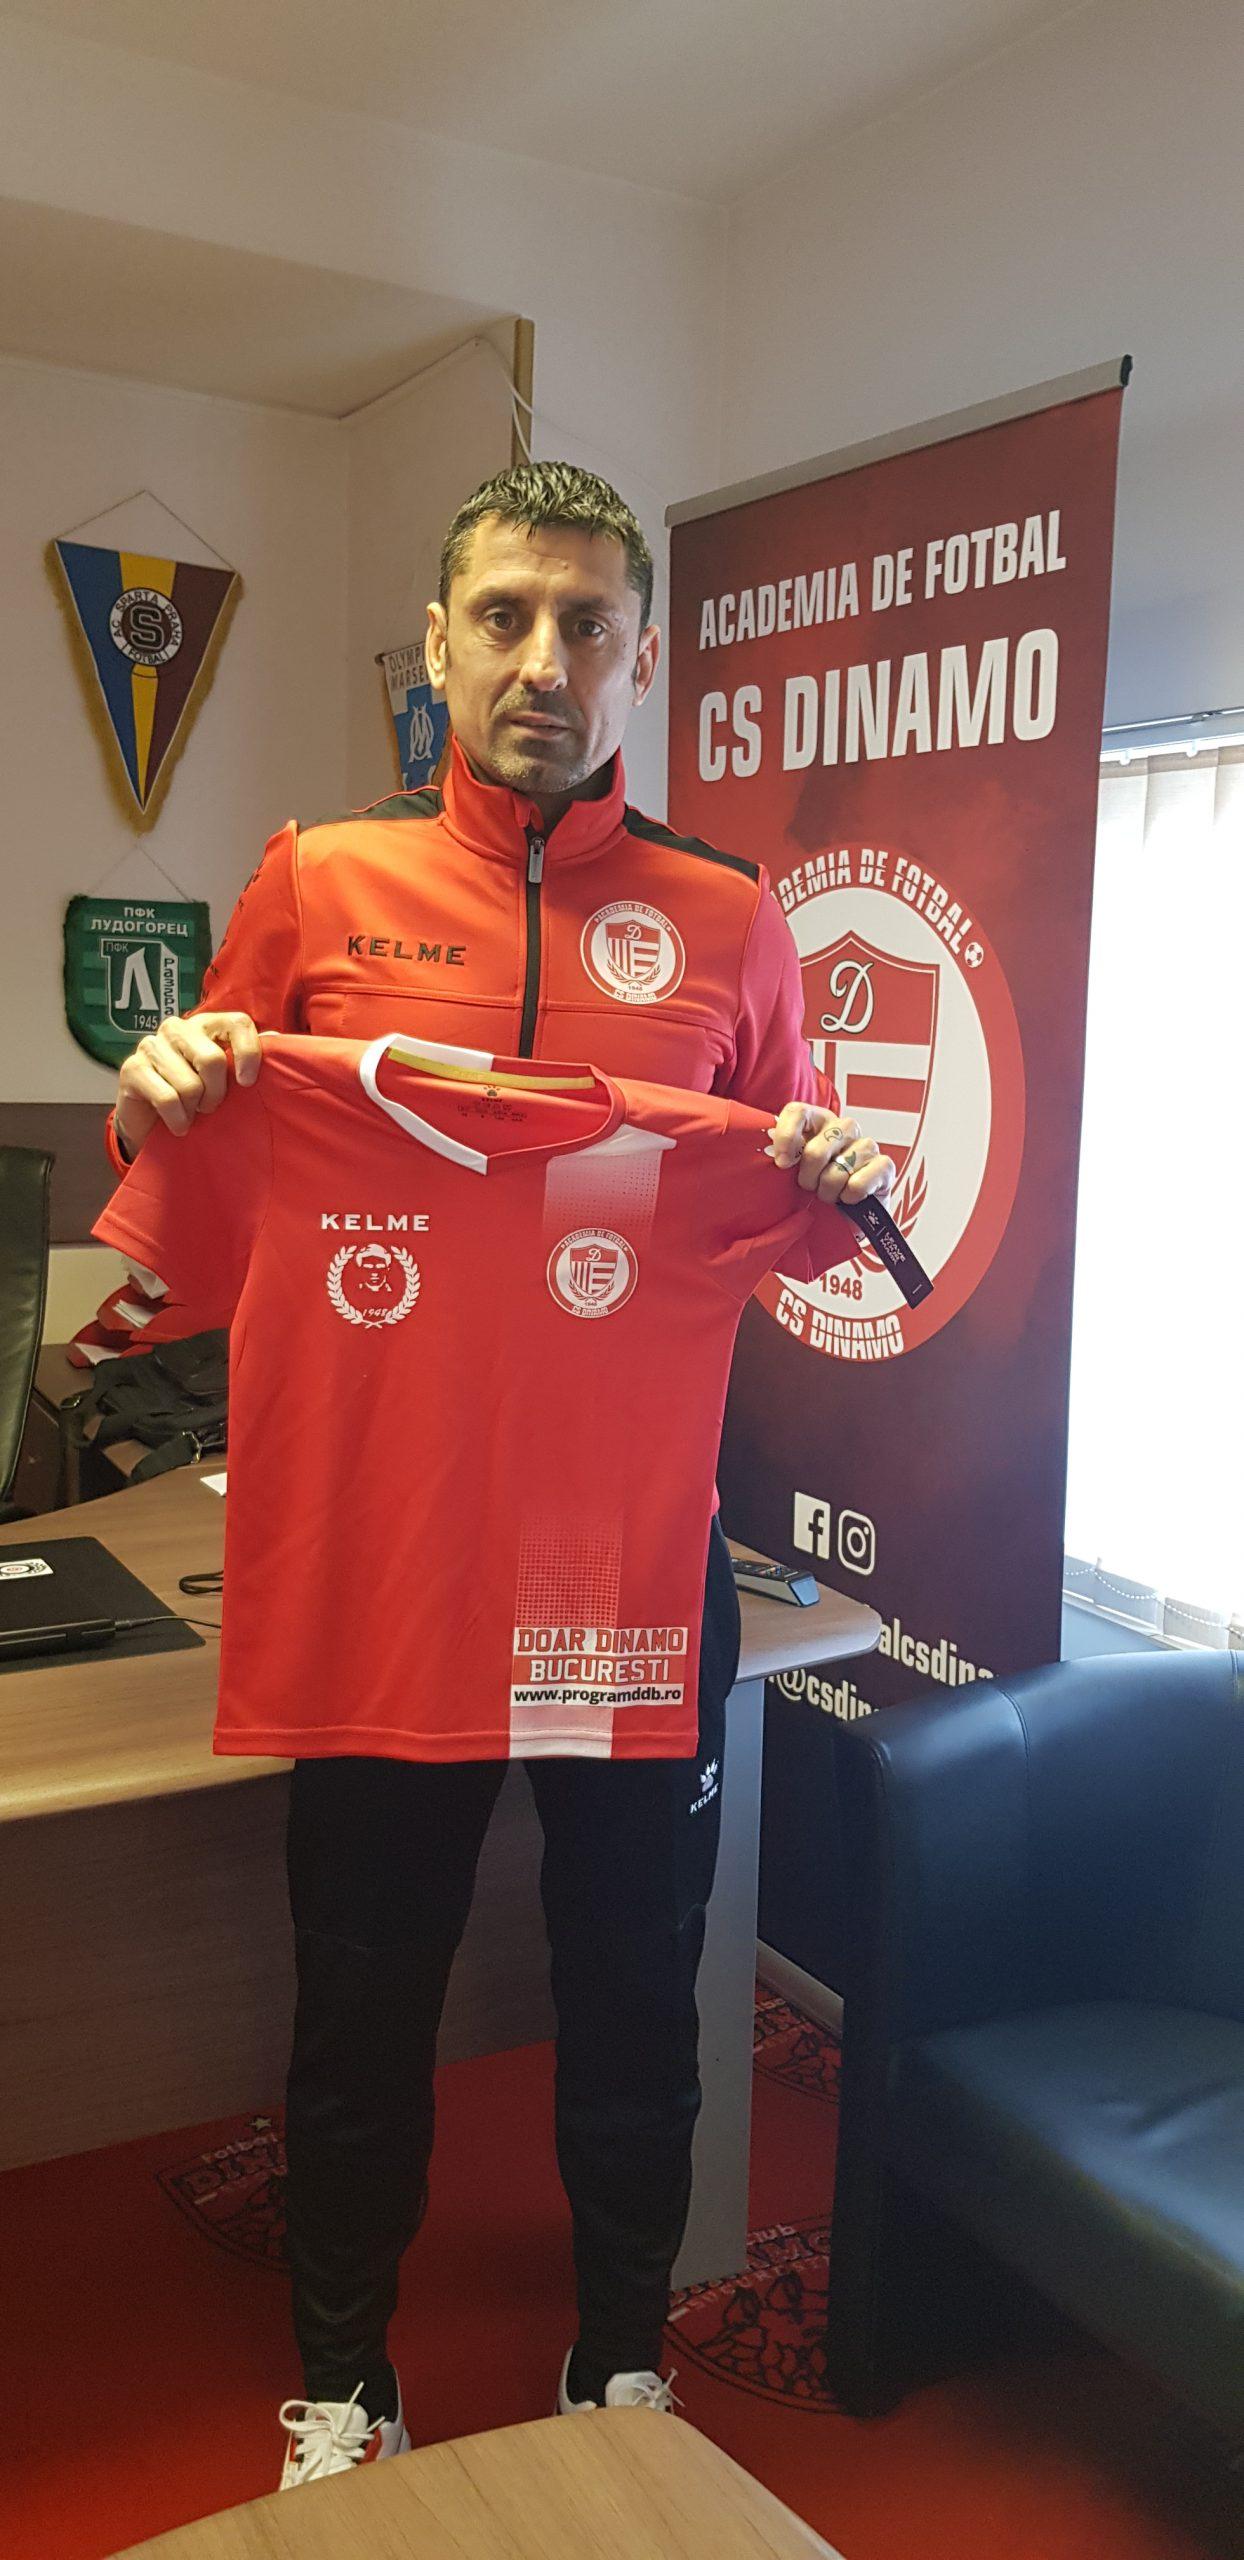 Ionel Dănciulescu ocupă o funcție administrativă la CS Dinamo